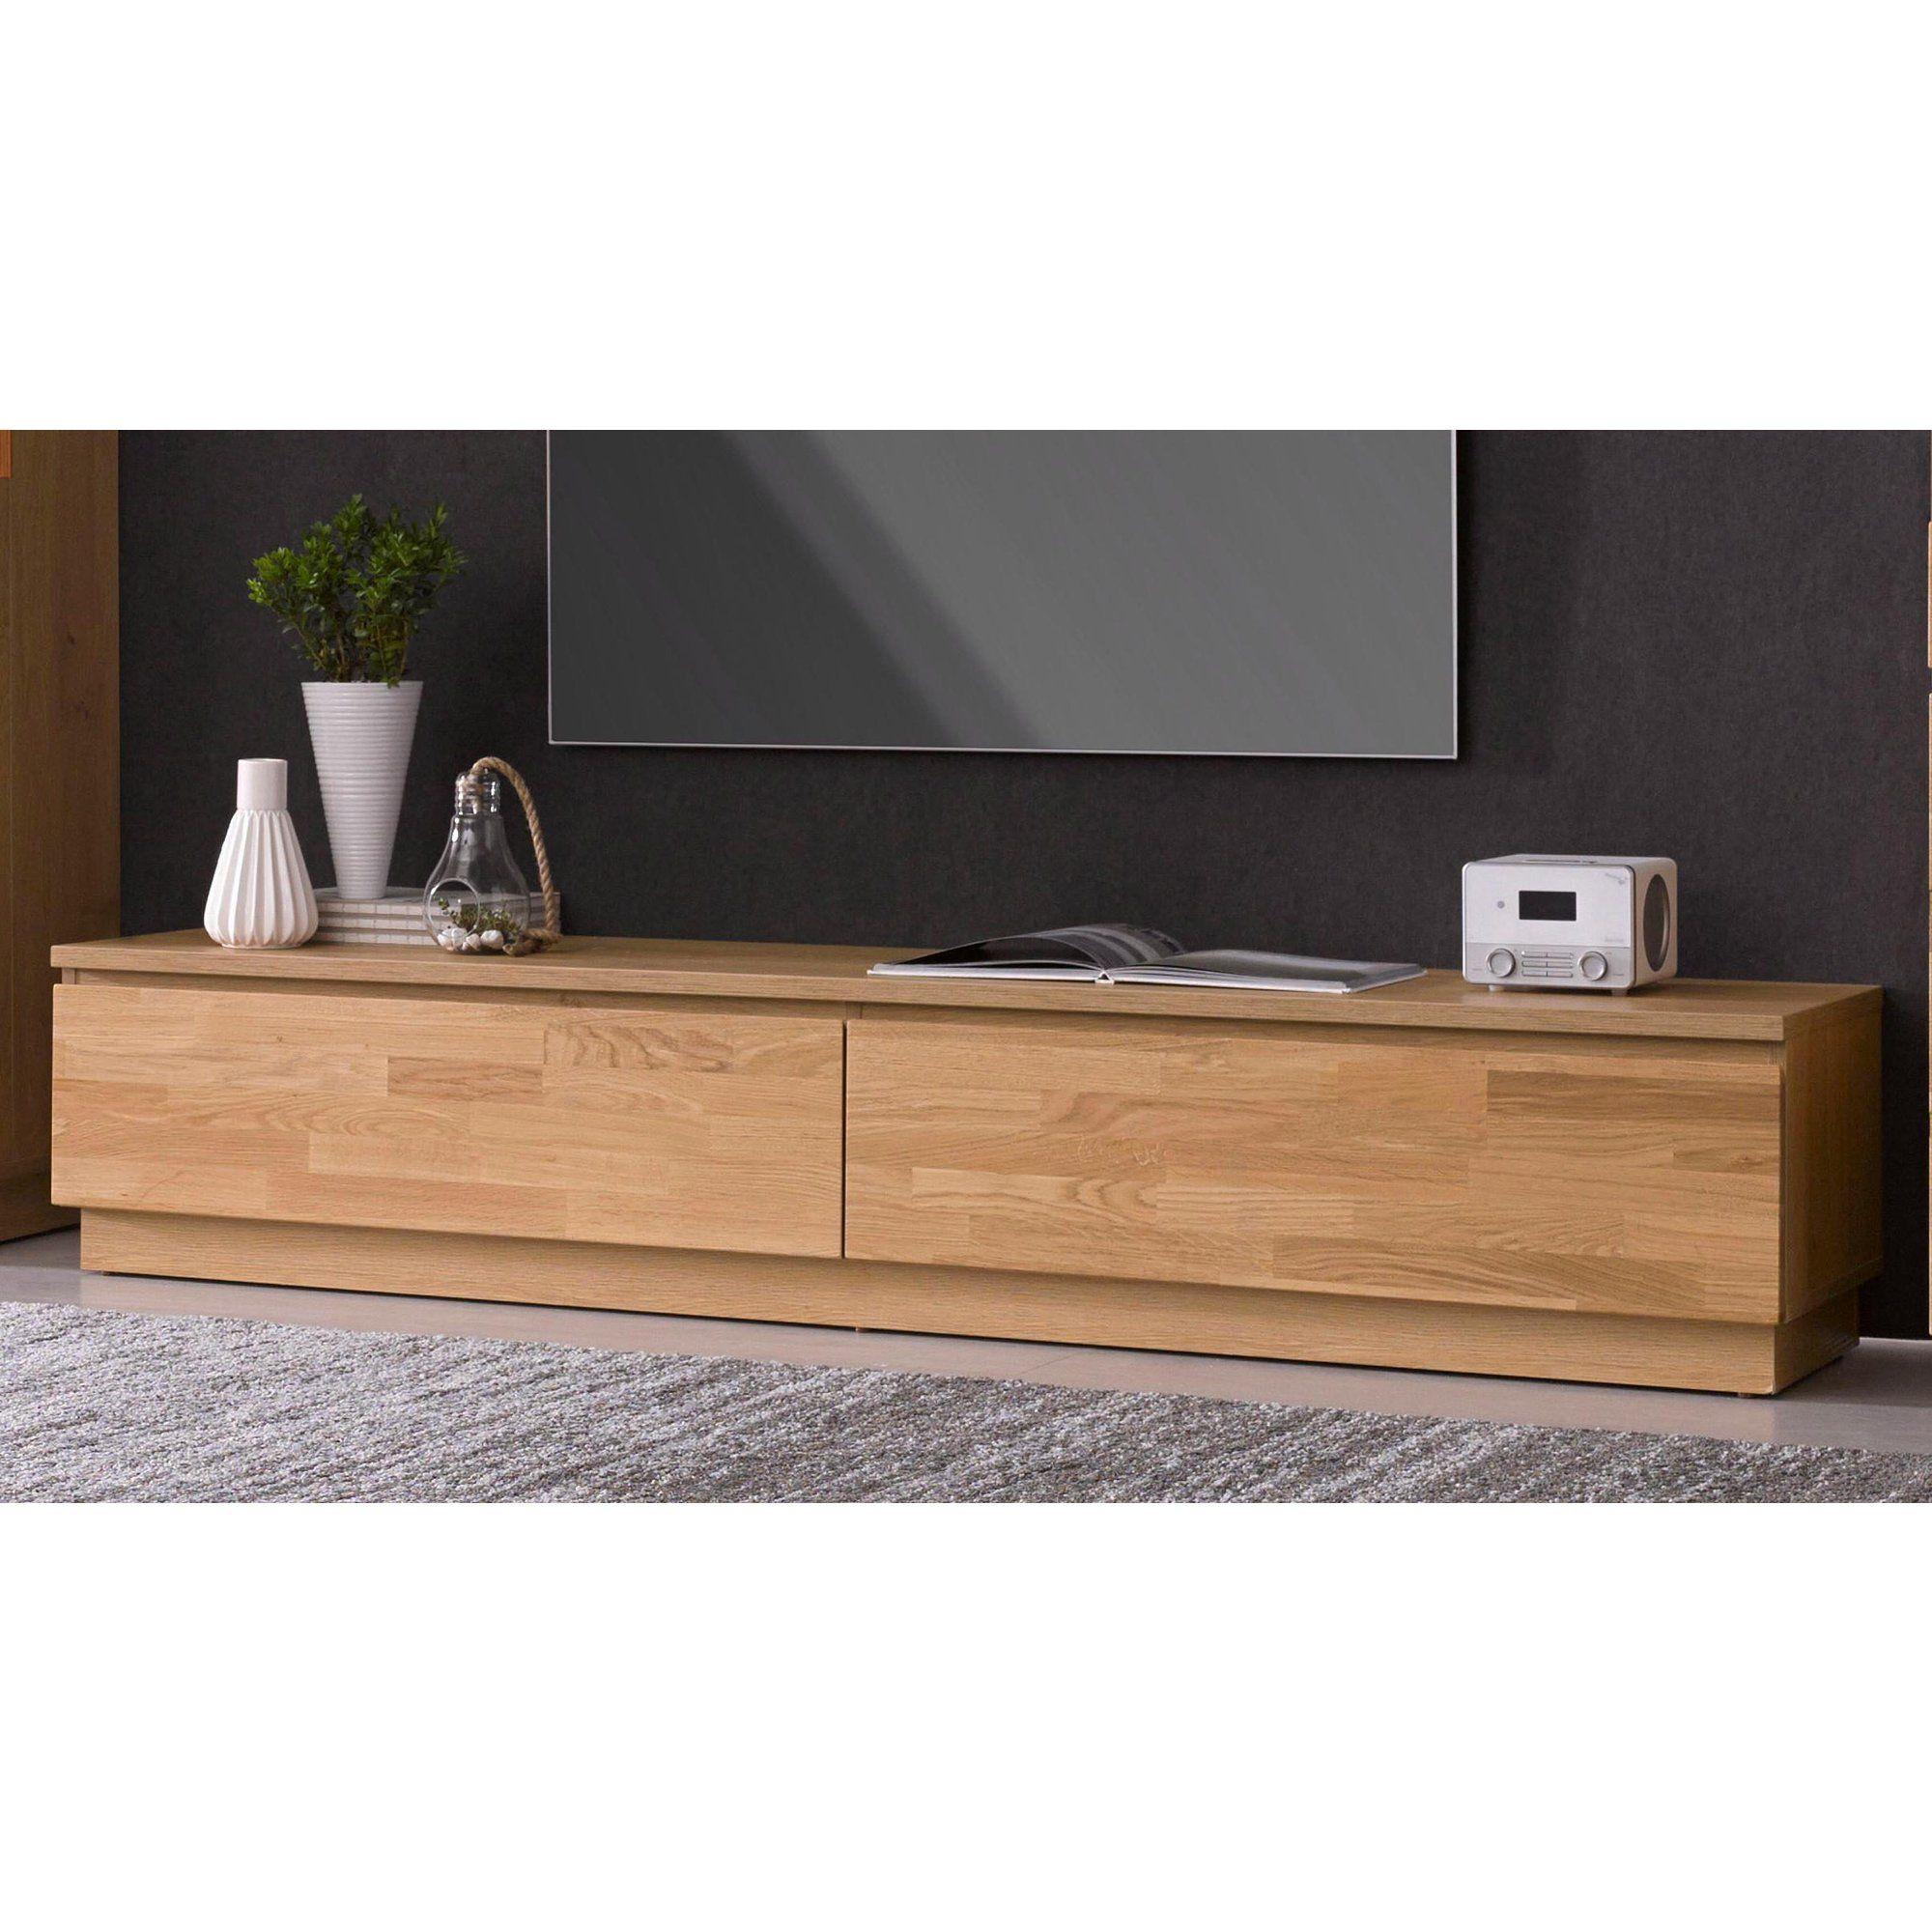 meuble tv en ch ne ou h tre massif 2 portes abattantes banc tv meuble tv et bois massif. Black Bedroom Furniture Sets. Home Design Ideas